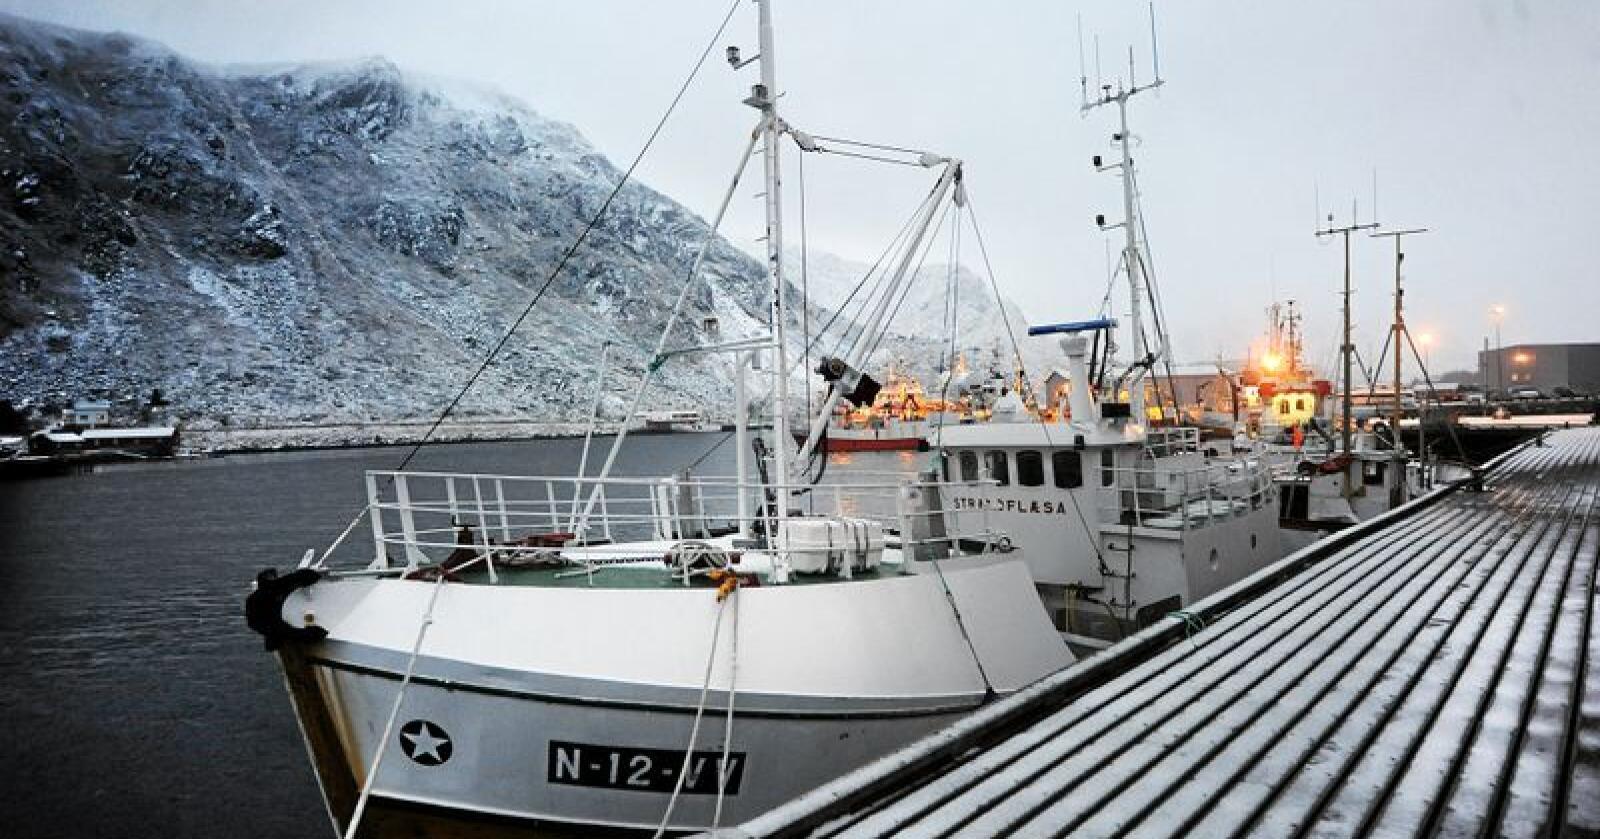 Fiskebestanden vil bli redusert som følge av klimaendringene, ifølge ny FN-rapport. Foto: Siri Juell Rasmussen